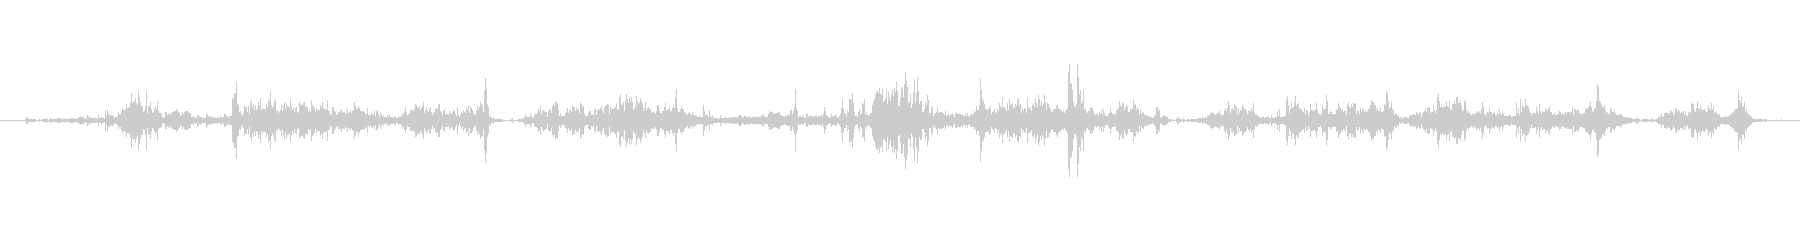 ゴミ スクレープロックスロング03の未再生の波形